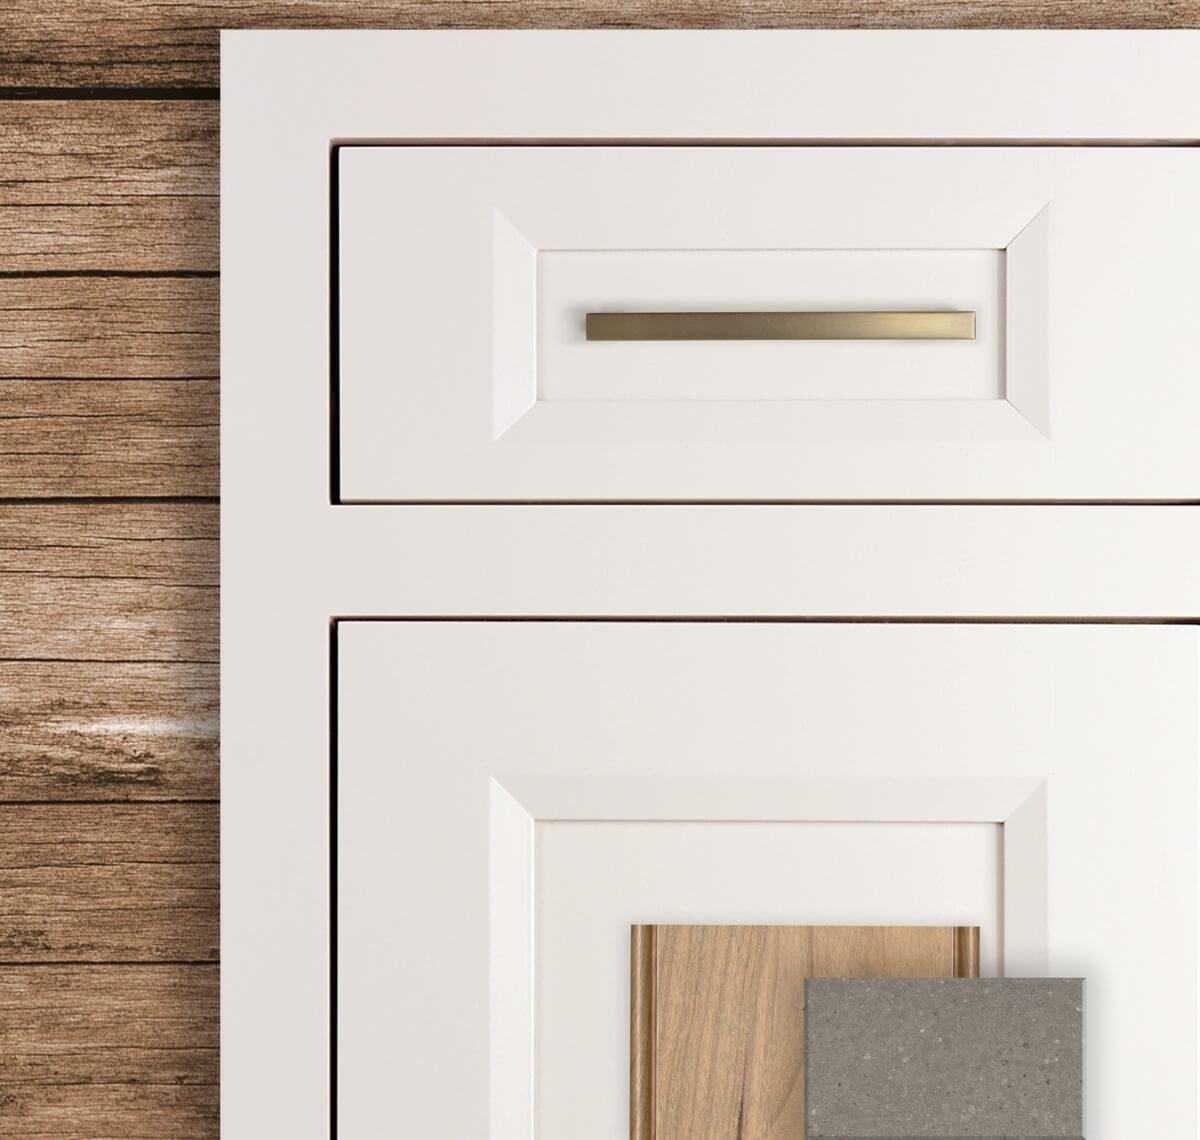 Dura Supreme Cabinetry's Lauren-Inset door style in